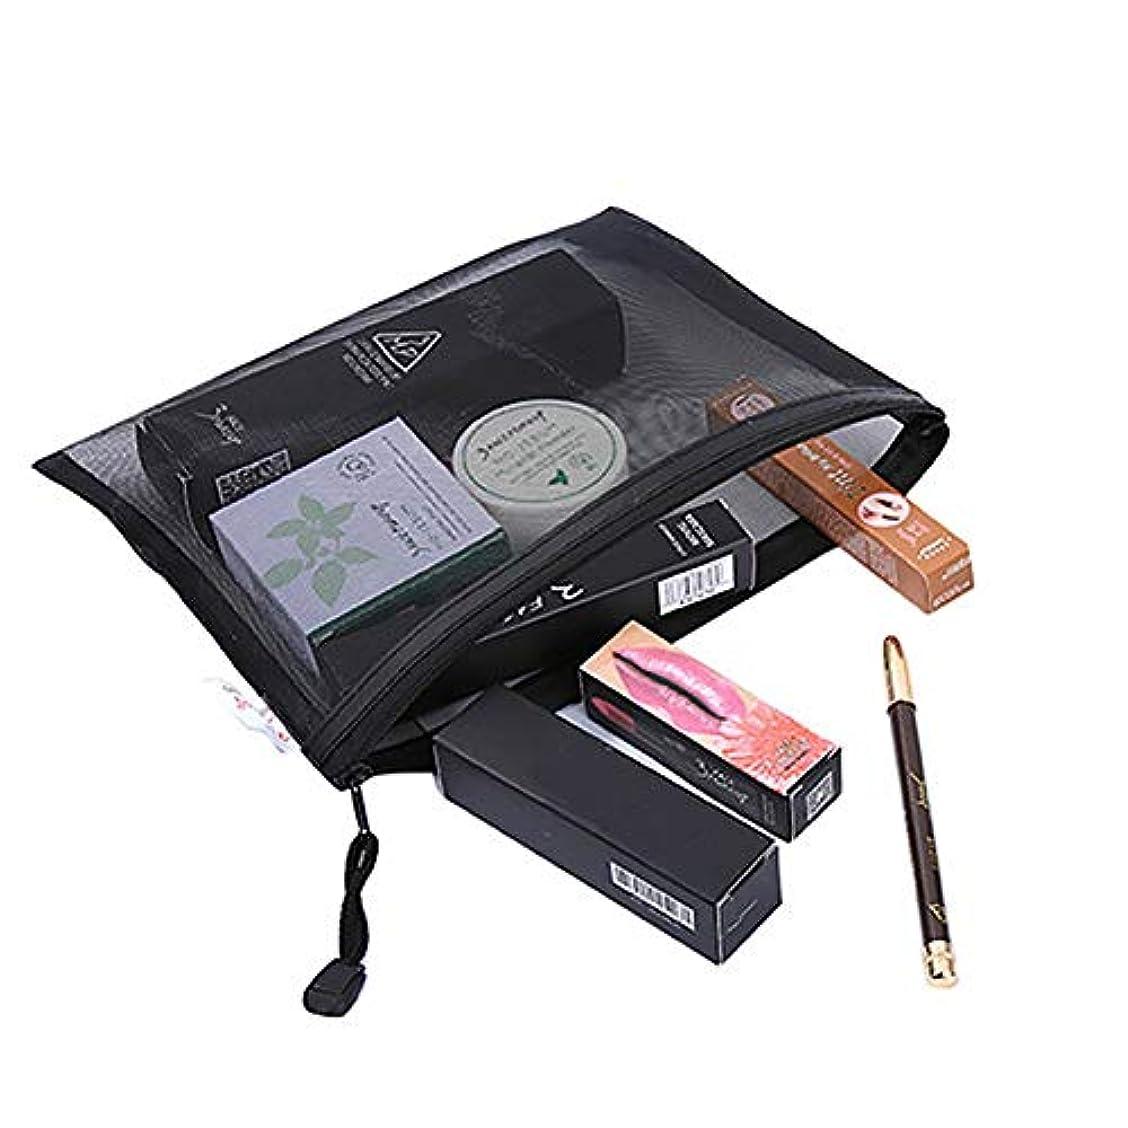 泥沼拡声器テレックスXiton 1PC黒のメッシュジップロック収納袋化粧バッグ旅行化粧品袋主催の多機能ペンクリアメッシュバッグ(黒)